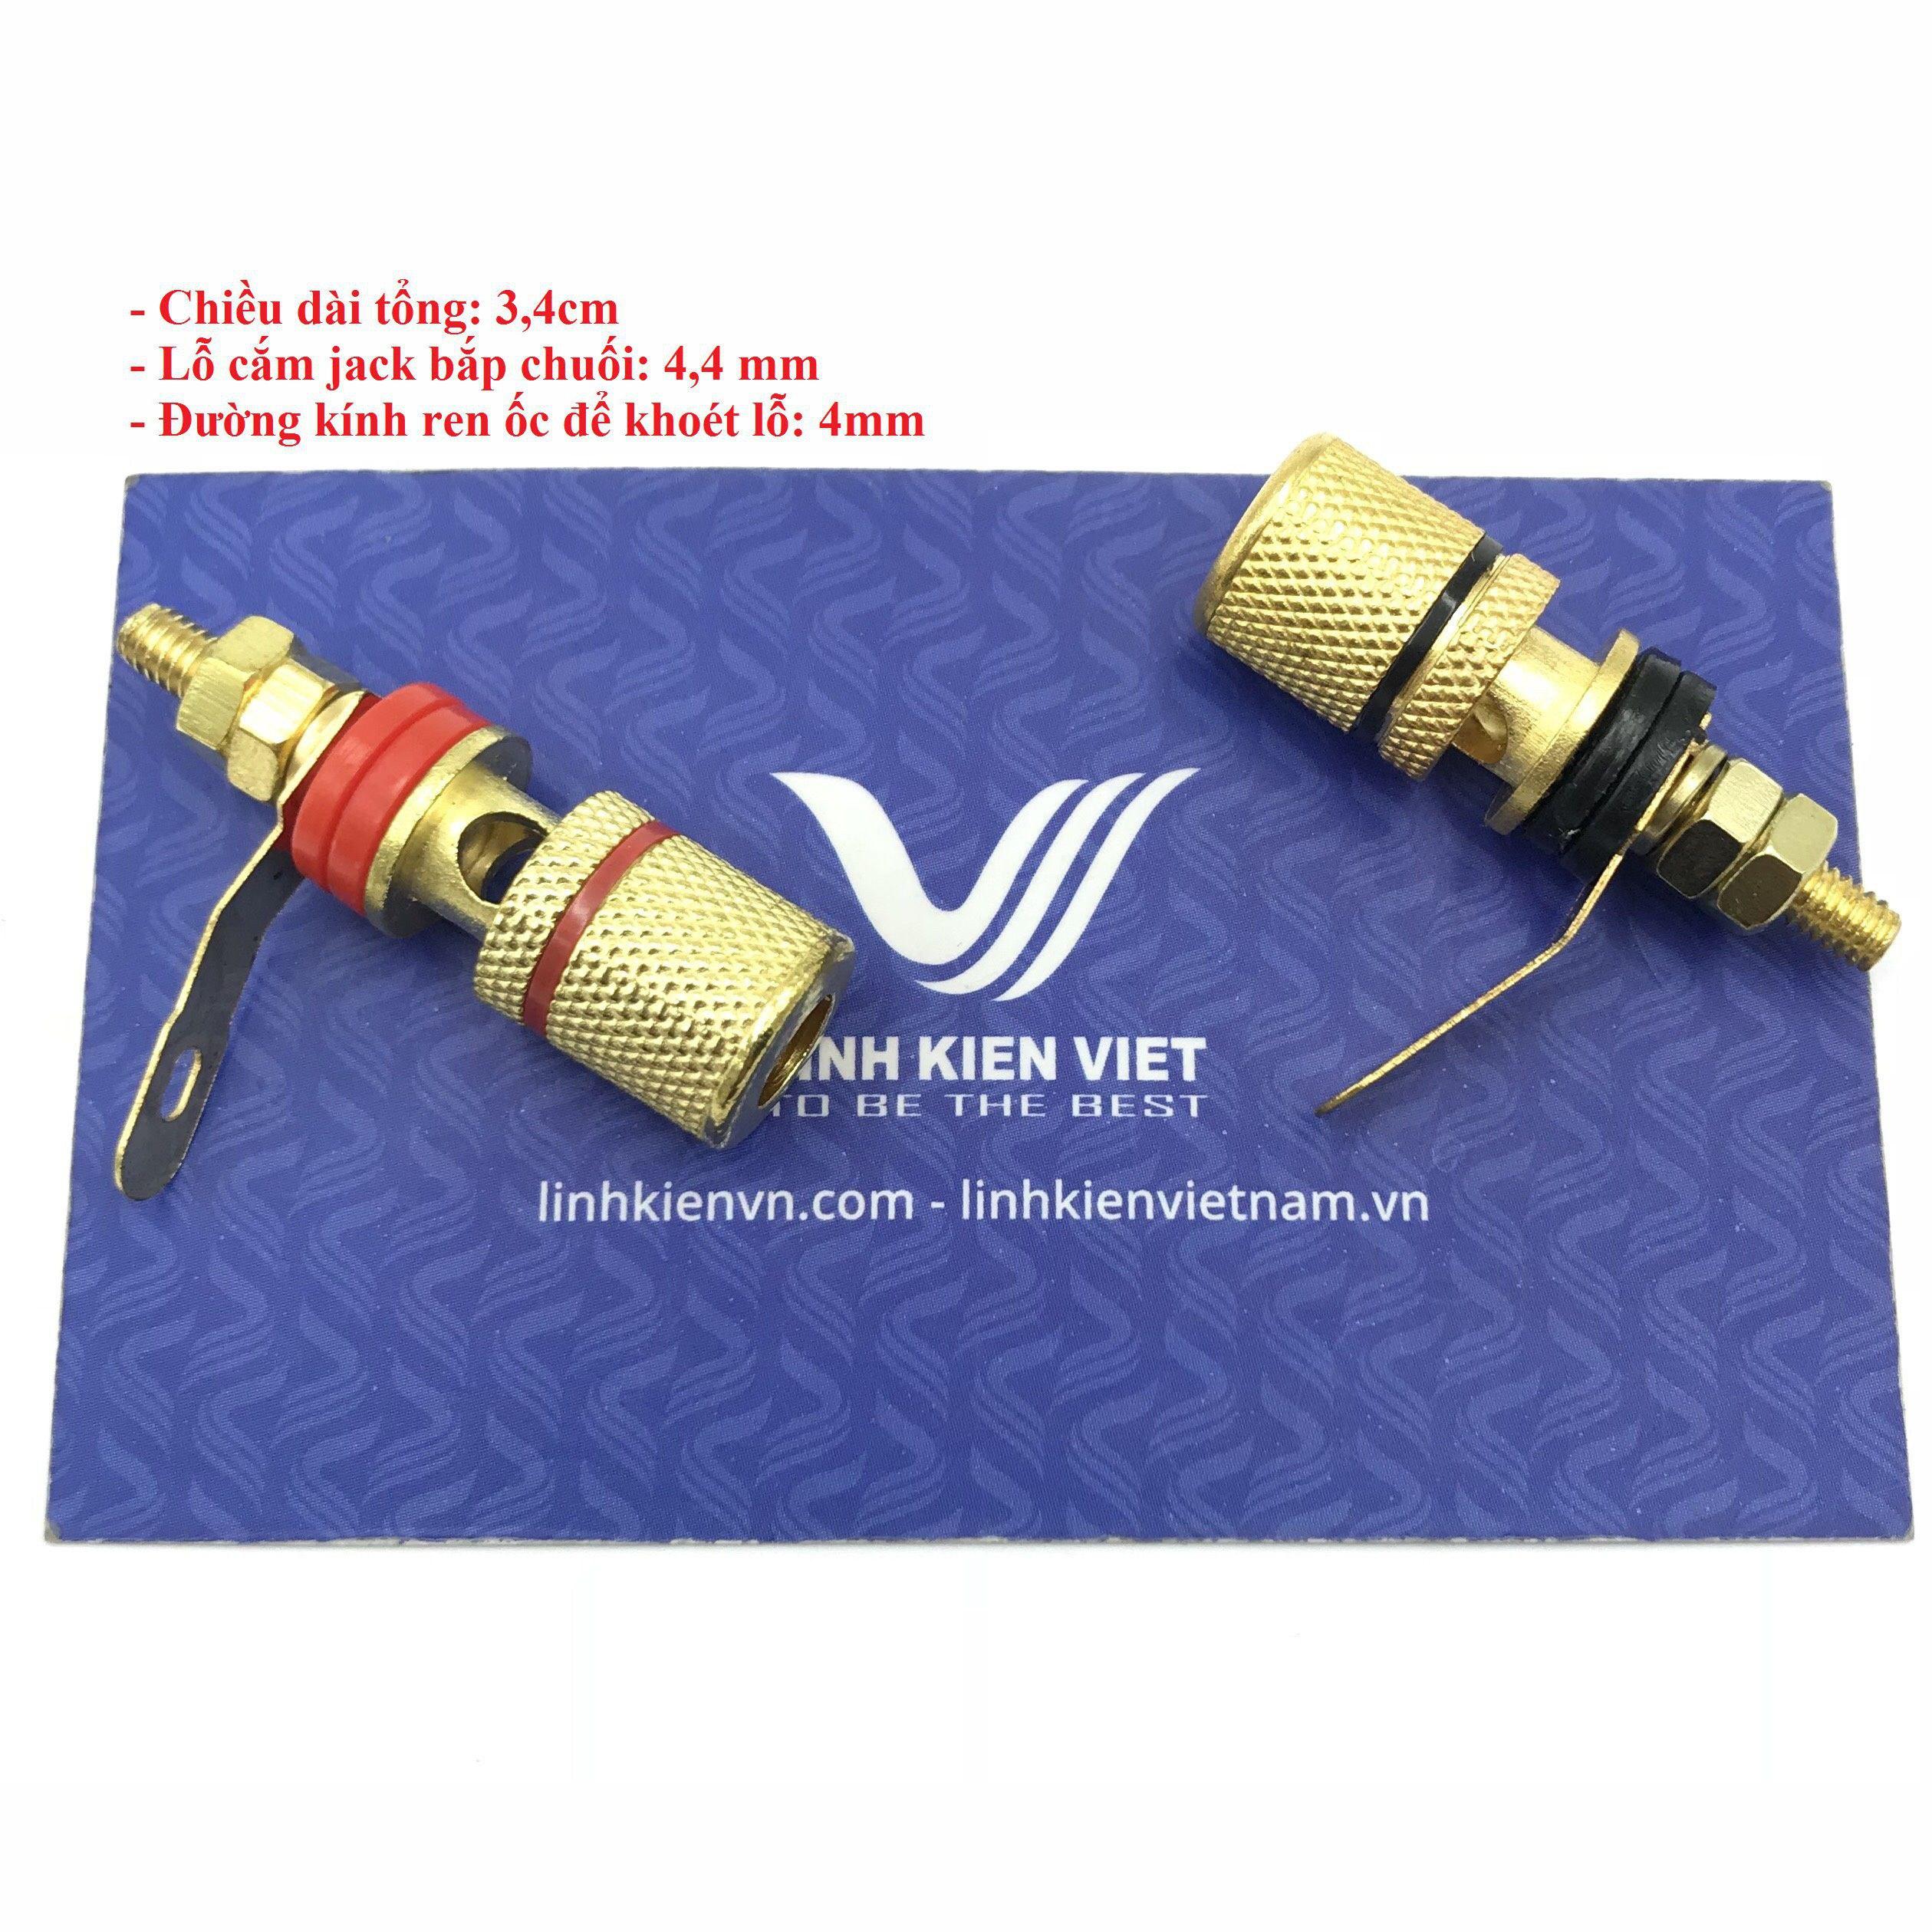 Cọc Loa chất lượng cao (mạ vàng) / Jack Thí nghiệm dài 3.4 cm (1 cái) - X3H9